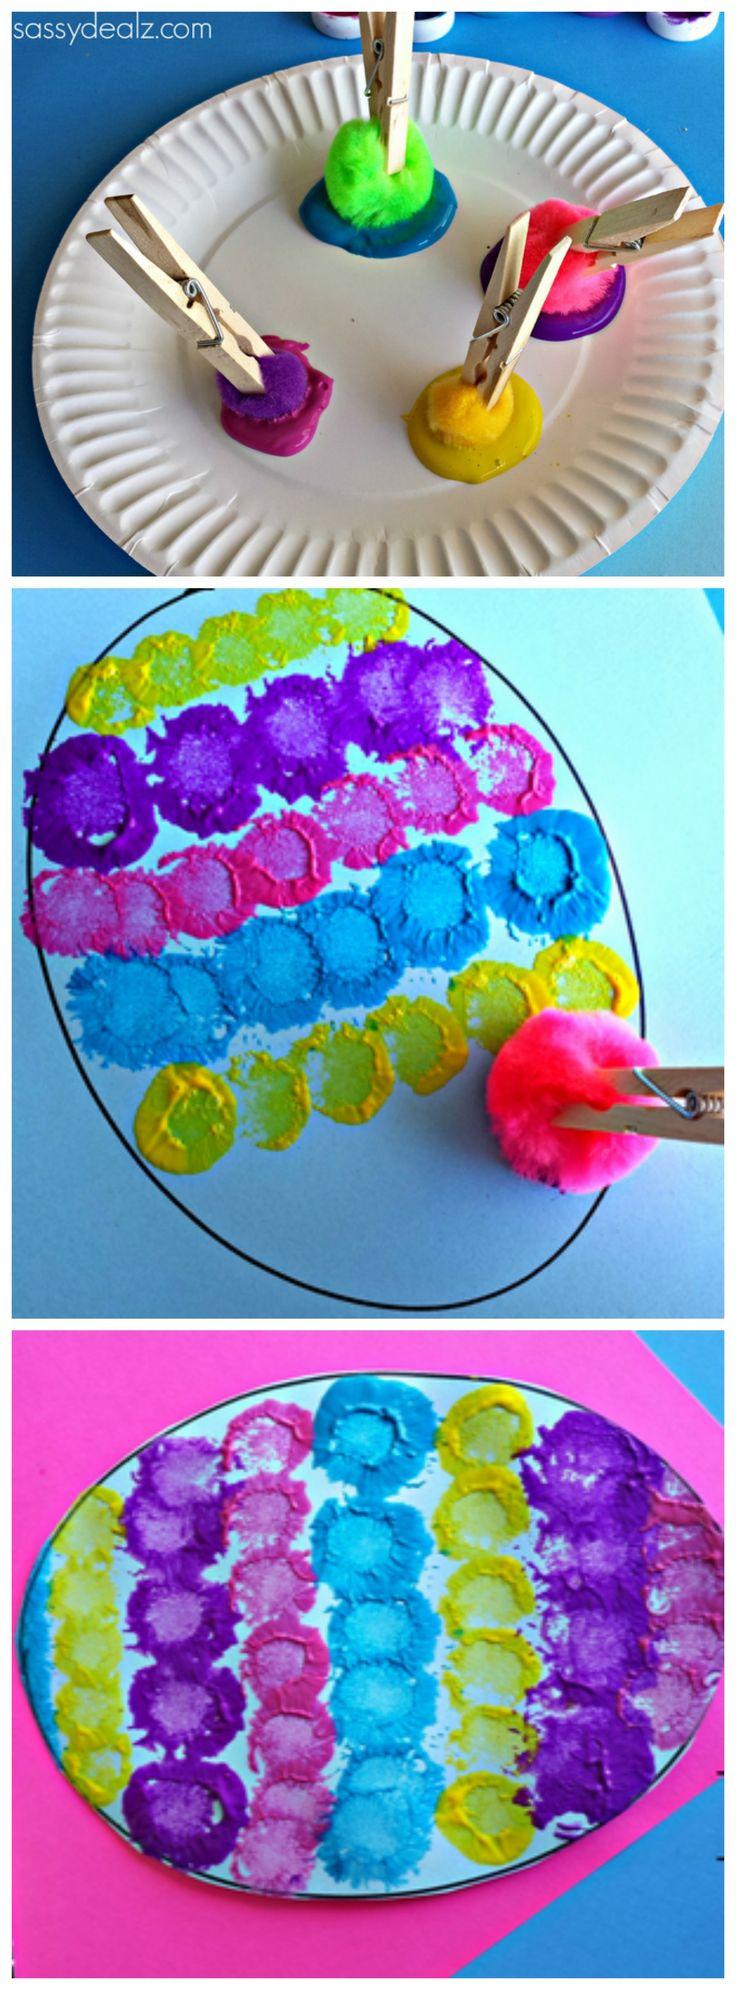 15 Best Art Activities For Preschoolers - Bored Art